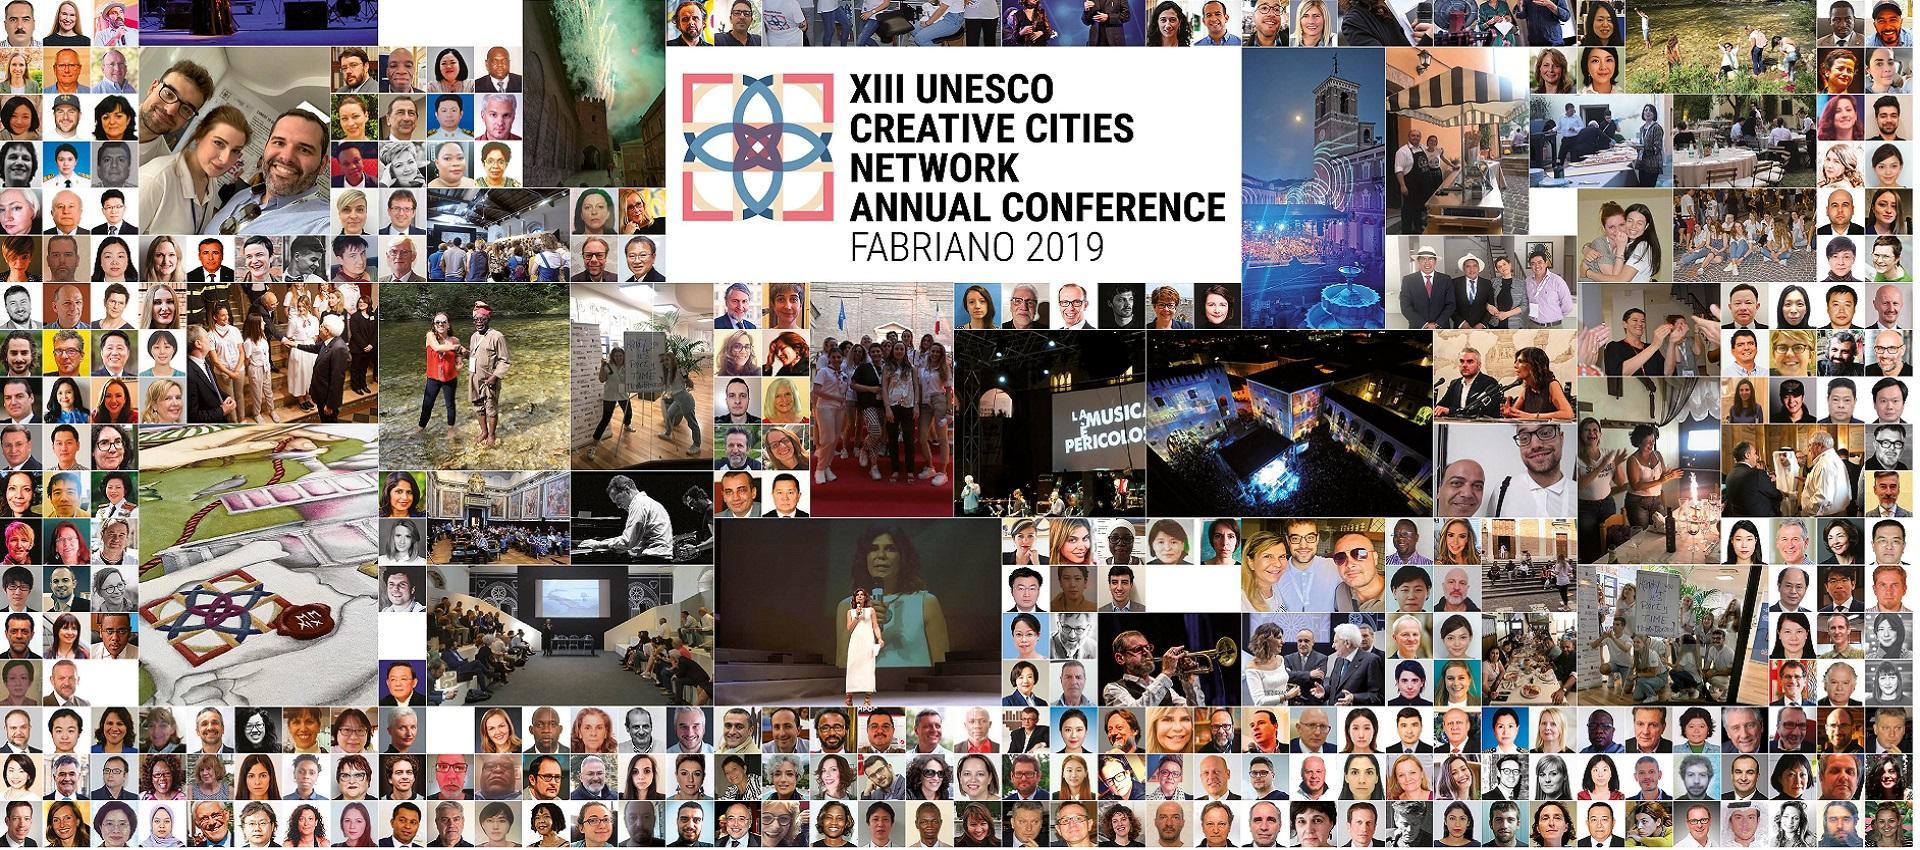 Łódź na XIII Kongresie Sieci Miast Kreatywnych UNESCO